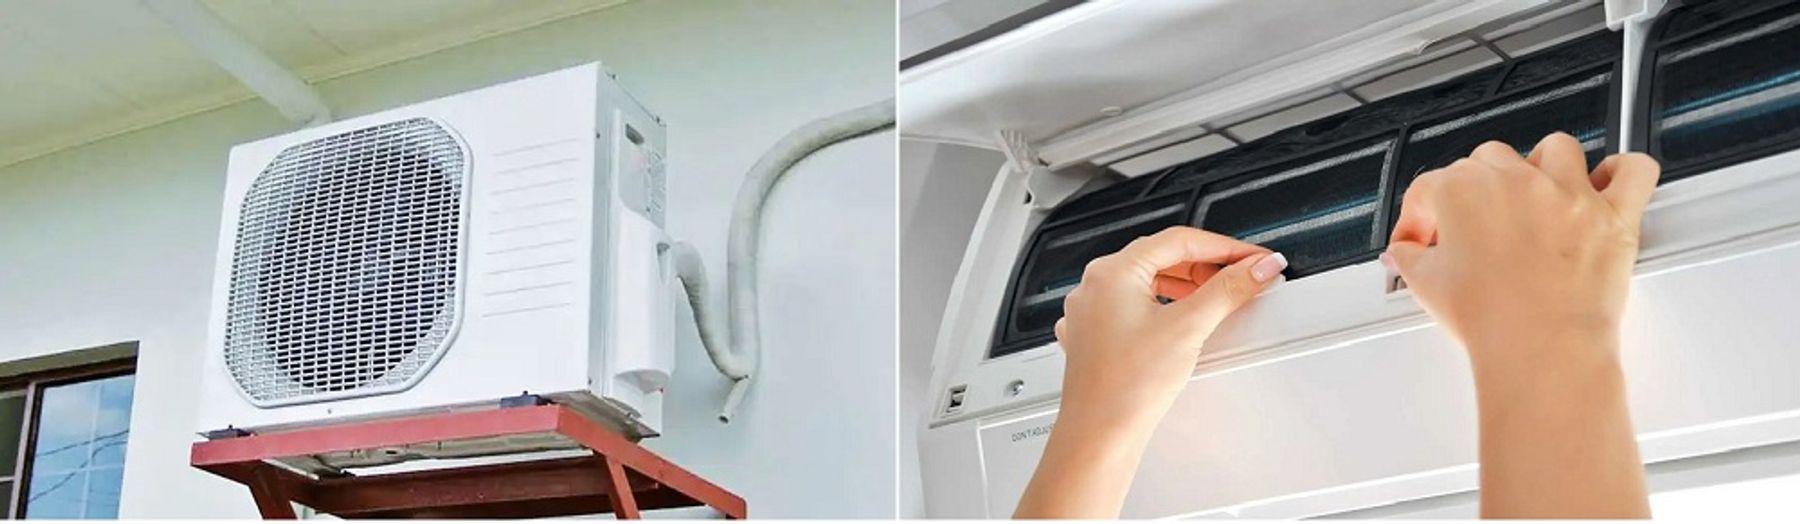 Cách vệ sinh máy lạnh sach sẽ, đơn giản | Cleanipedia